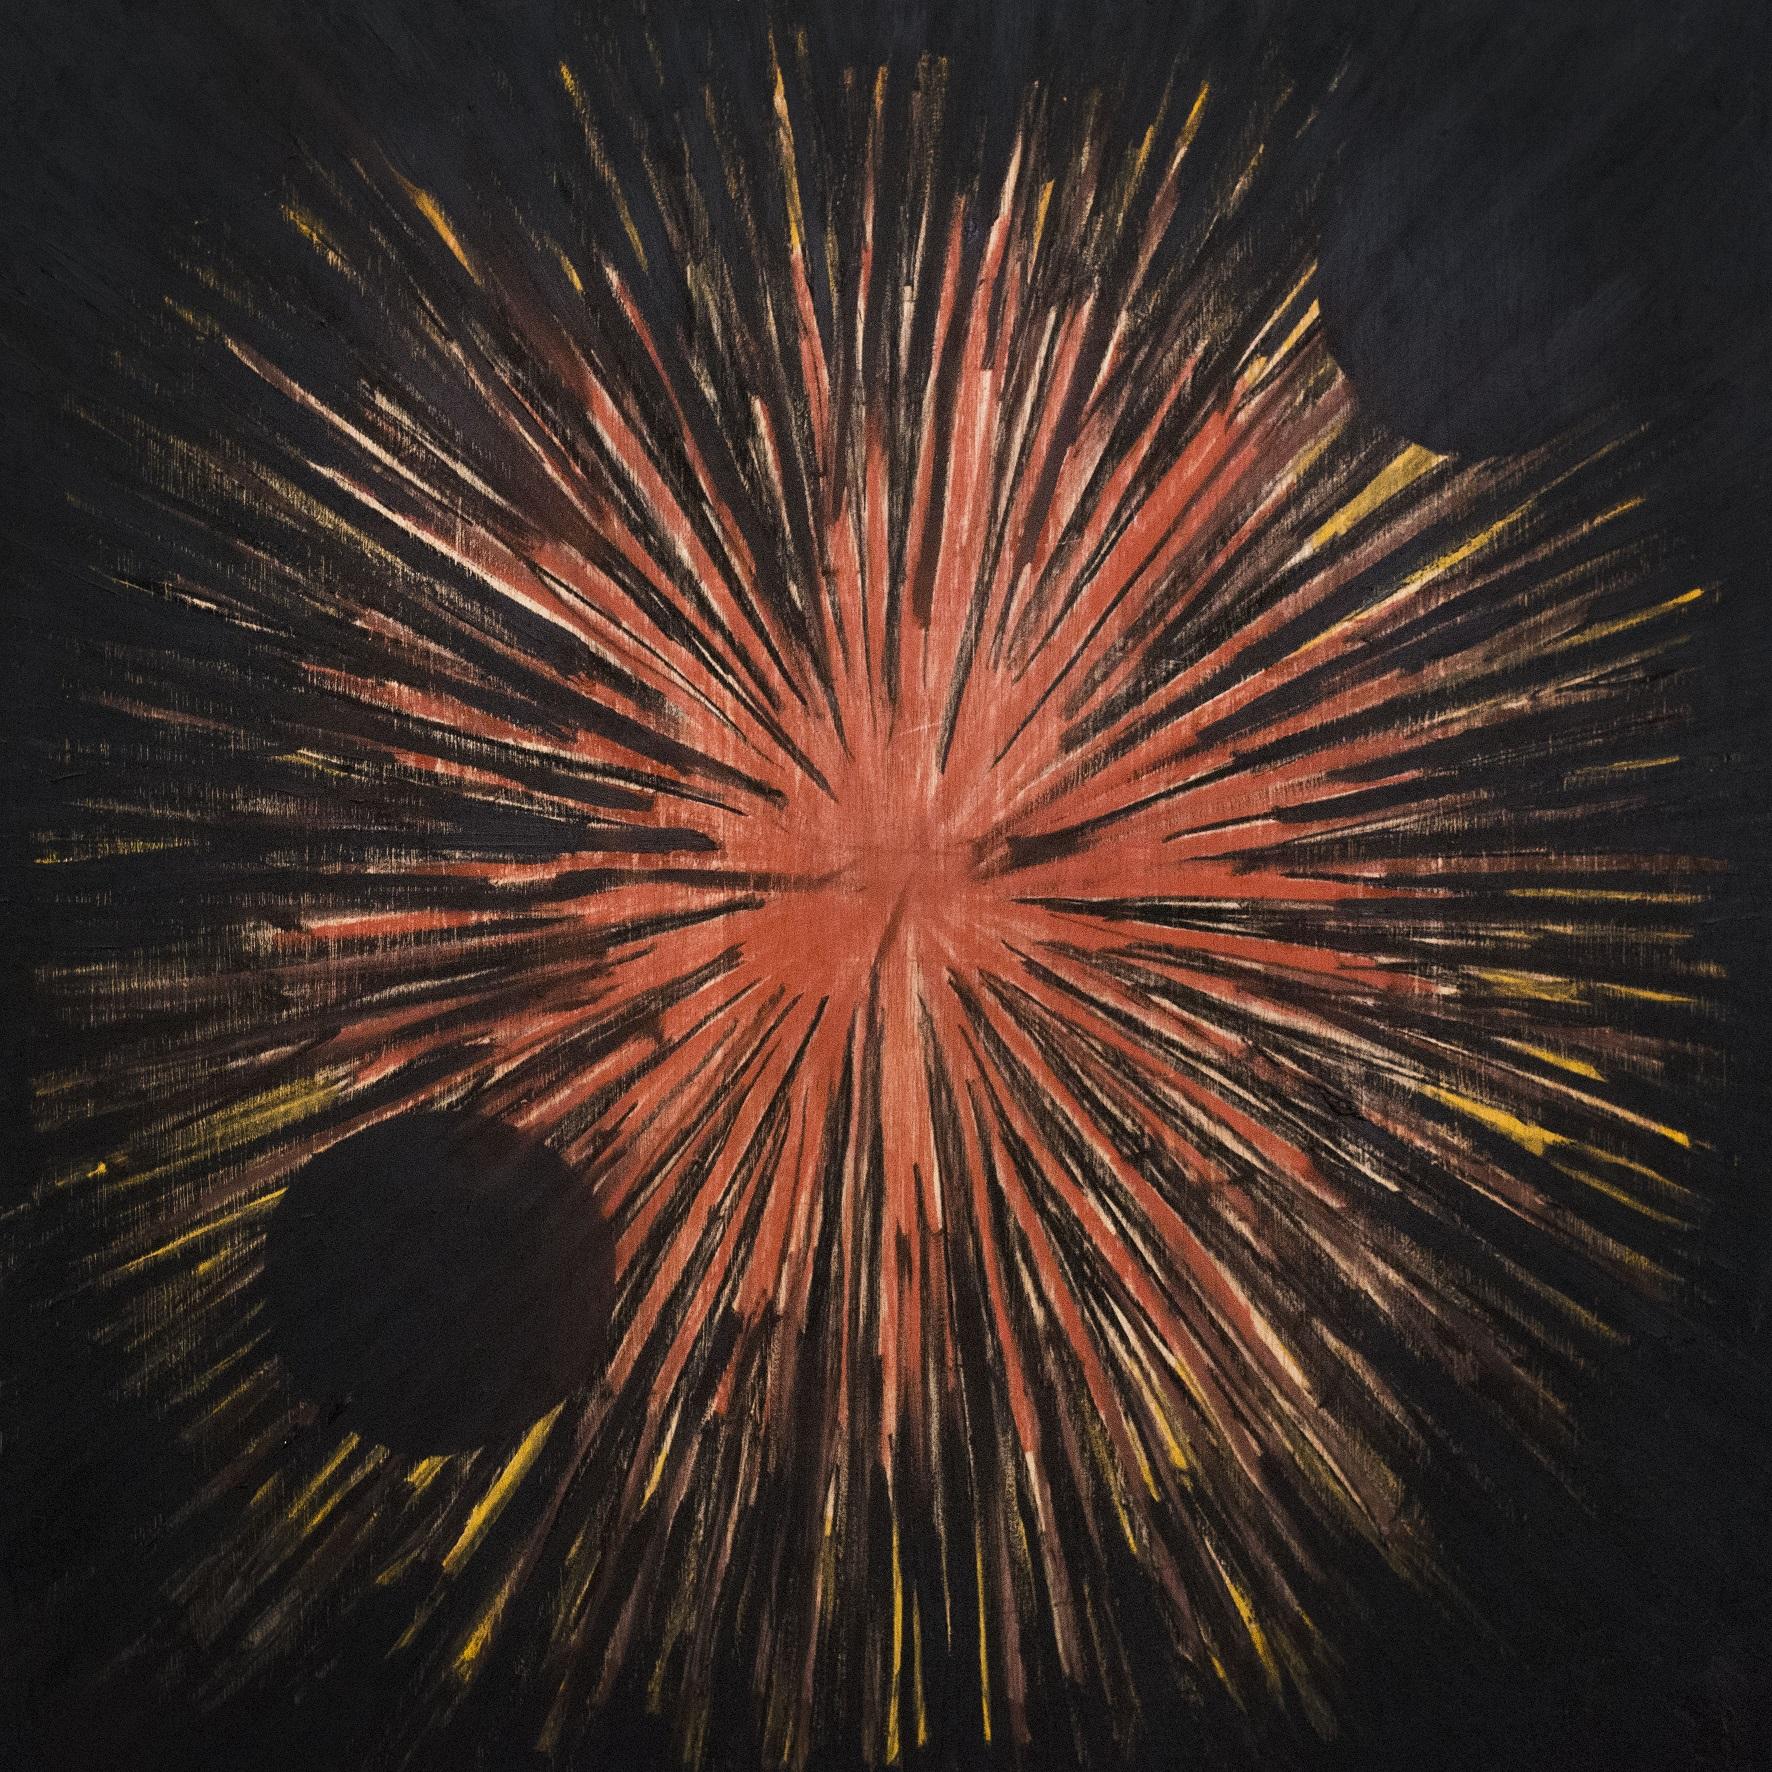 Juliana Gontijo, Explosão de estrelas, Pastel seco, pastel oleoso e tinta a óleo sobre madeira, 80 x 80 cm, 2019